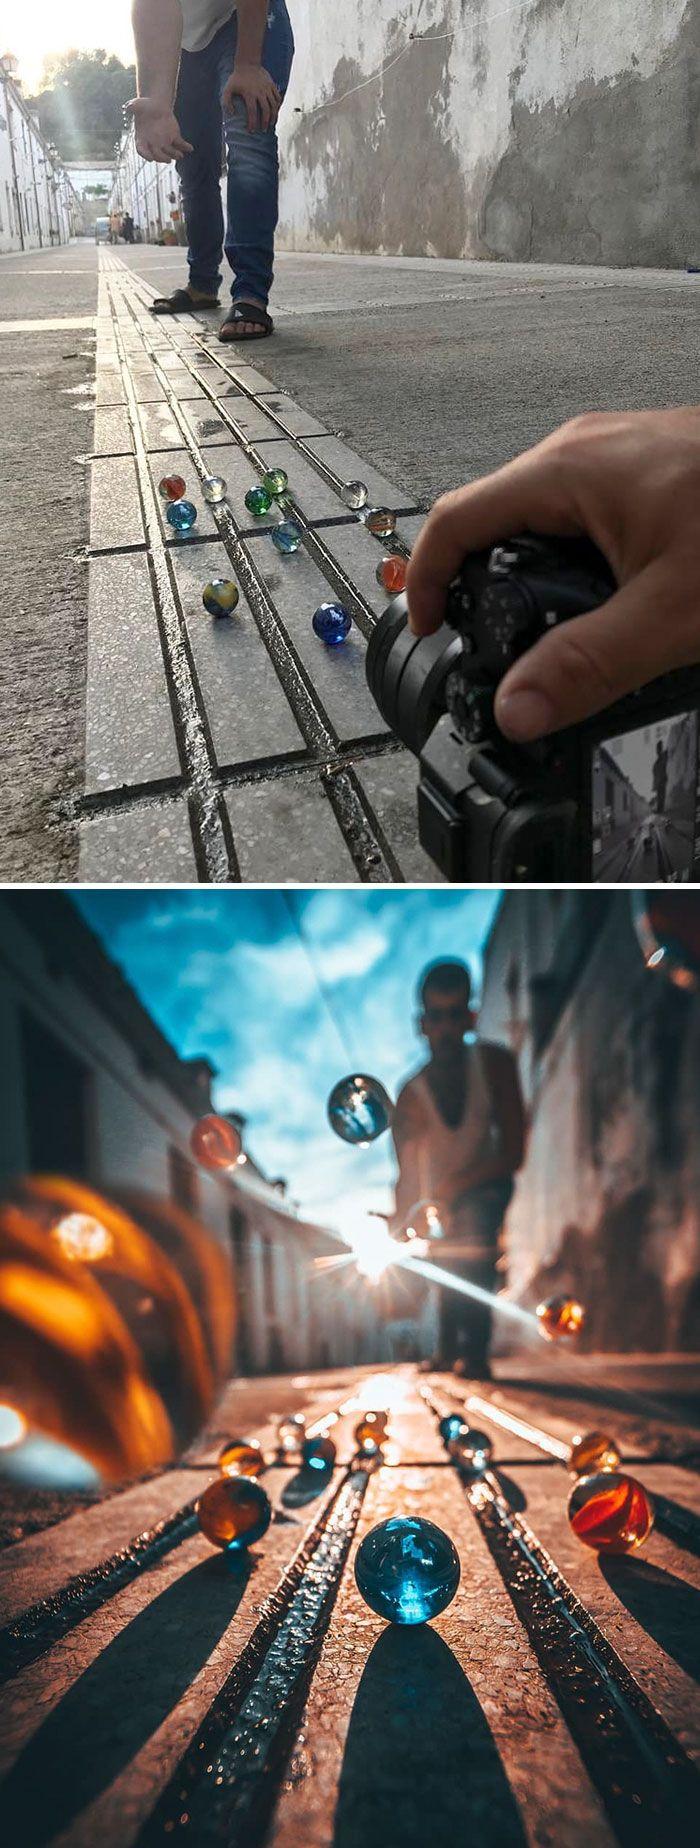 Fotógrafo usa truques criativos para tirar fotos incríveis